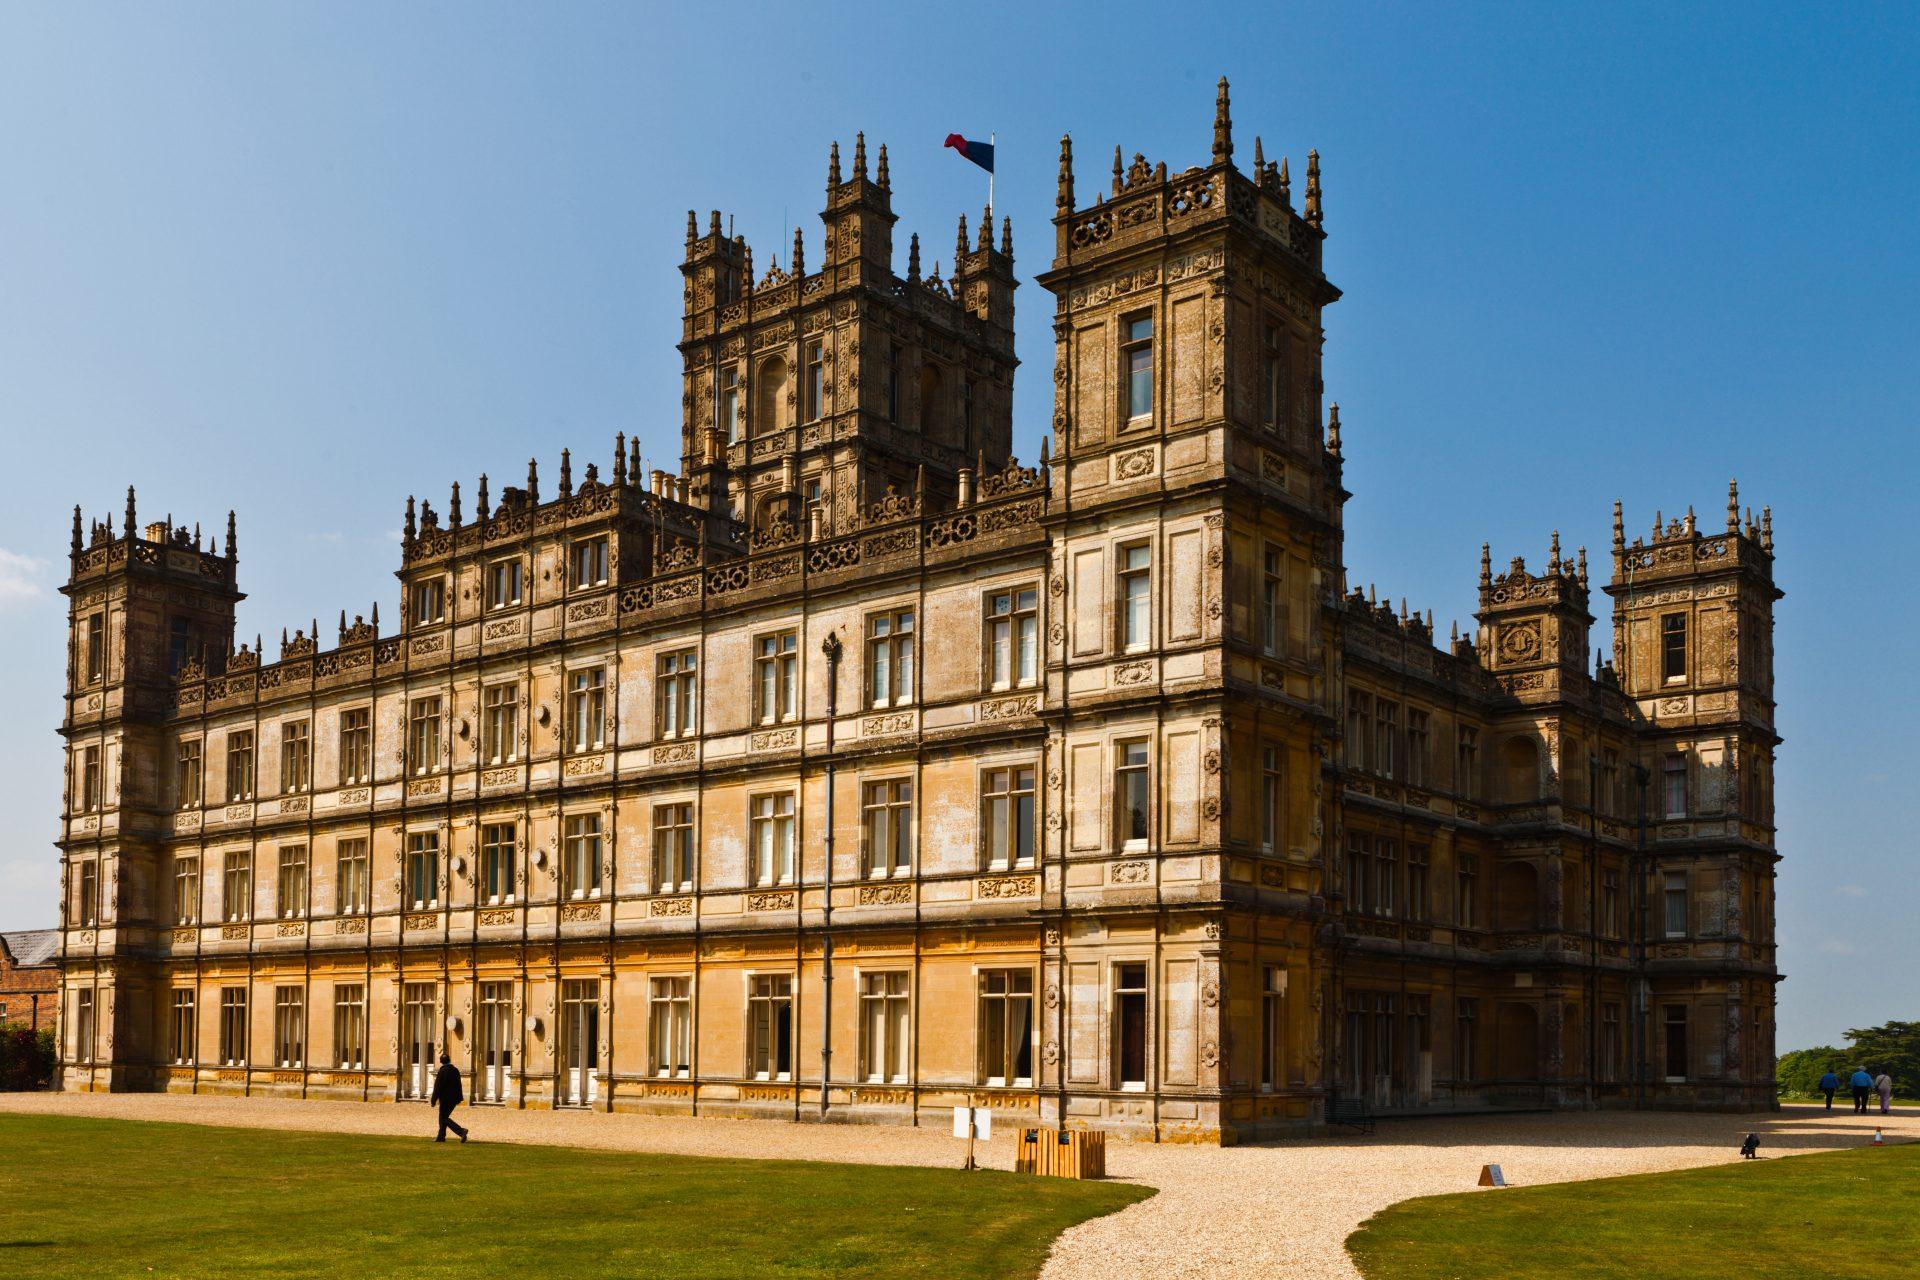 Bây giờ bạn có thể thuê Lâu đài Tu viện Dftimeon trên Airbnb